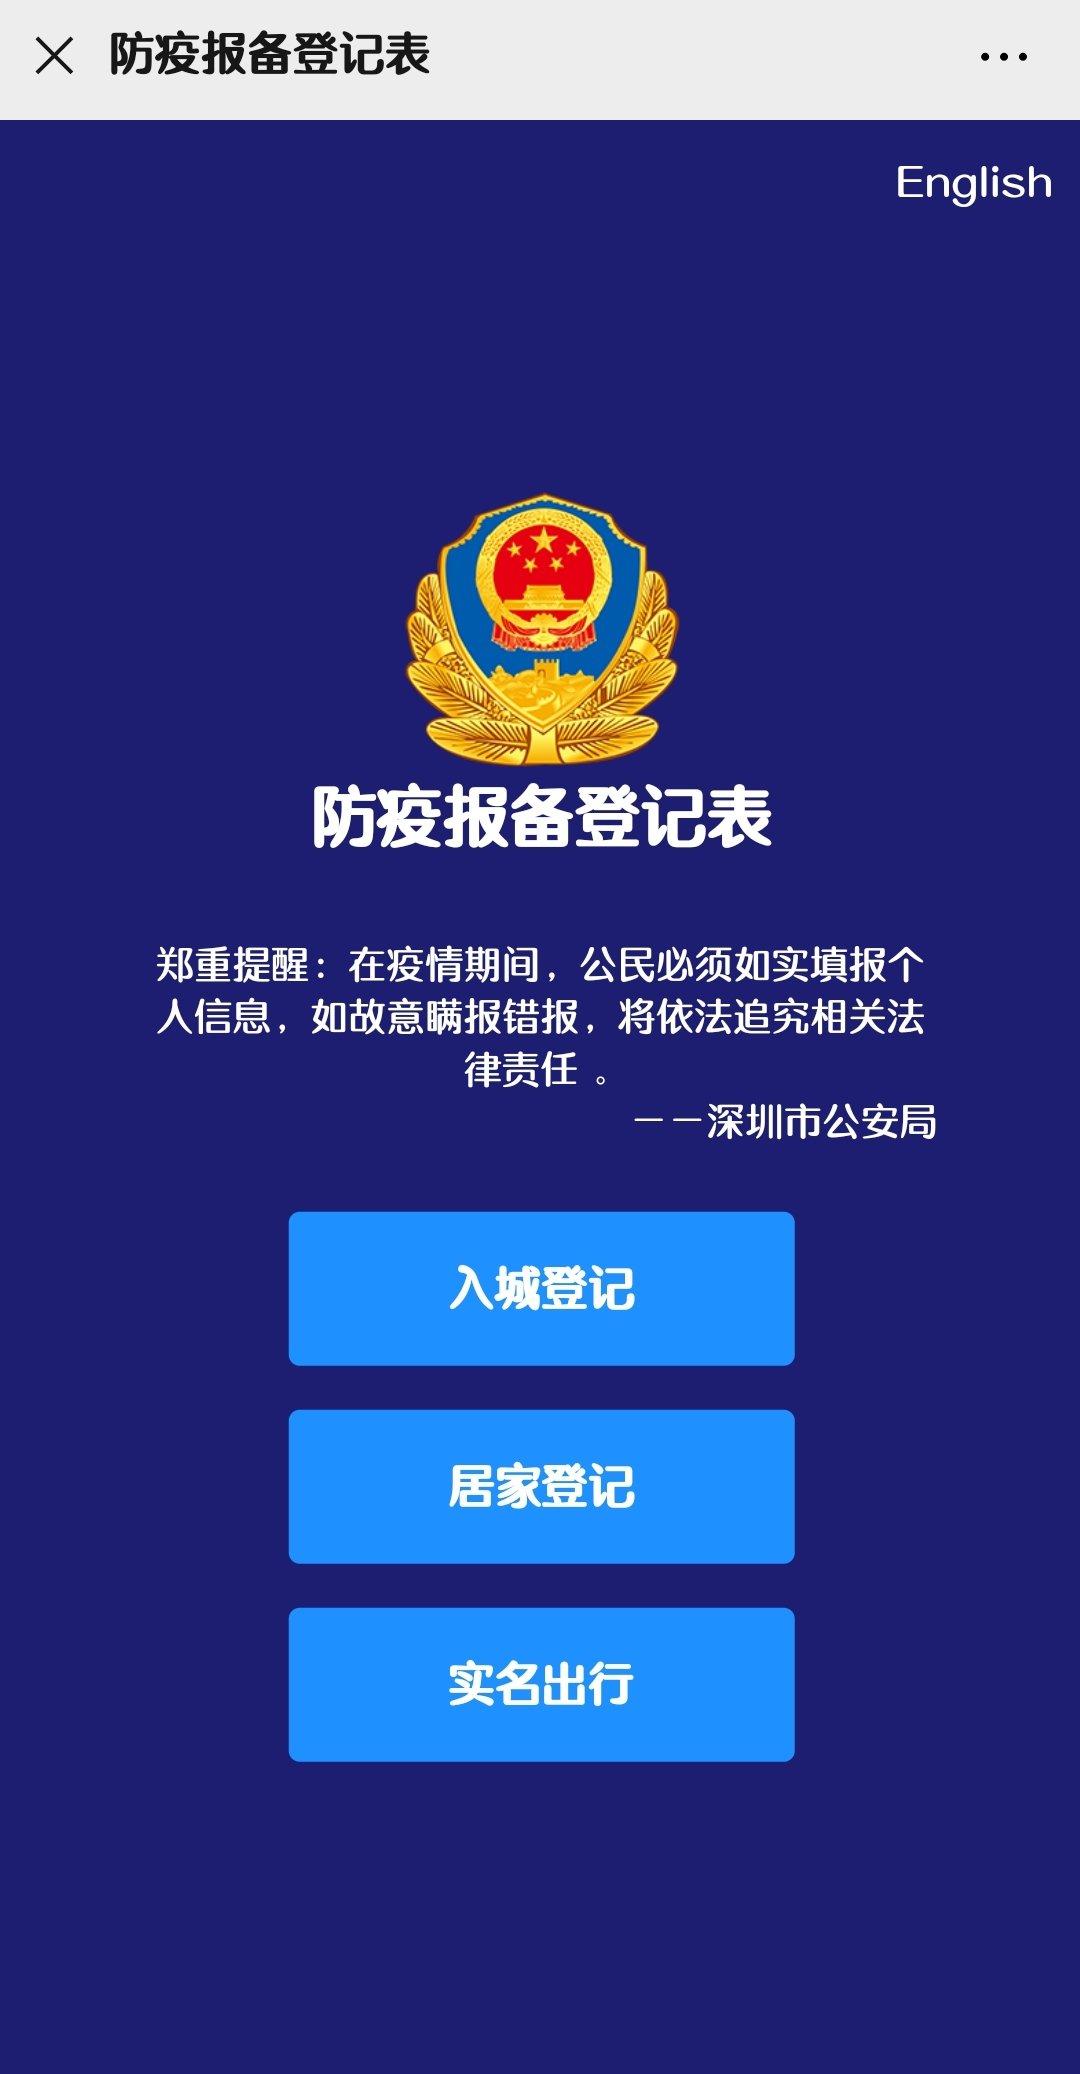 深圳疫情期间实名出行登记一定要填写吗